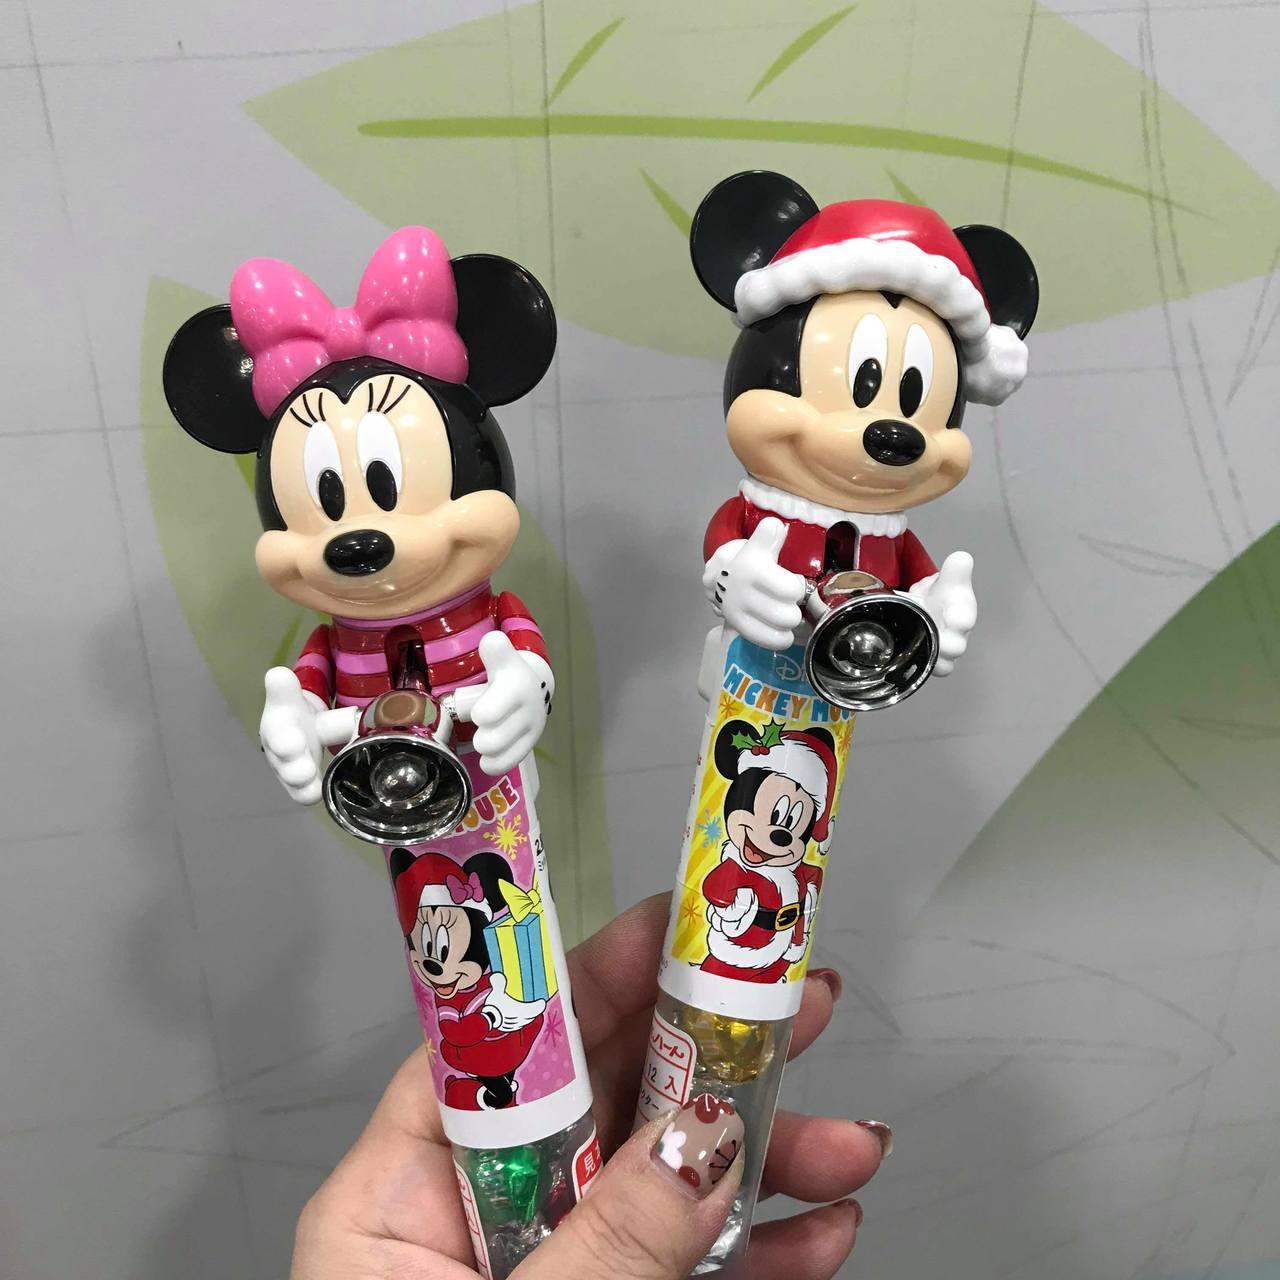 7-ELEVEN推出迪士尼耶誕巧克力鈴鐺棒,售價199元。記者陳立儀/攝影